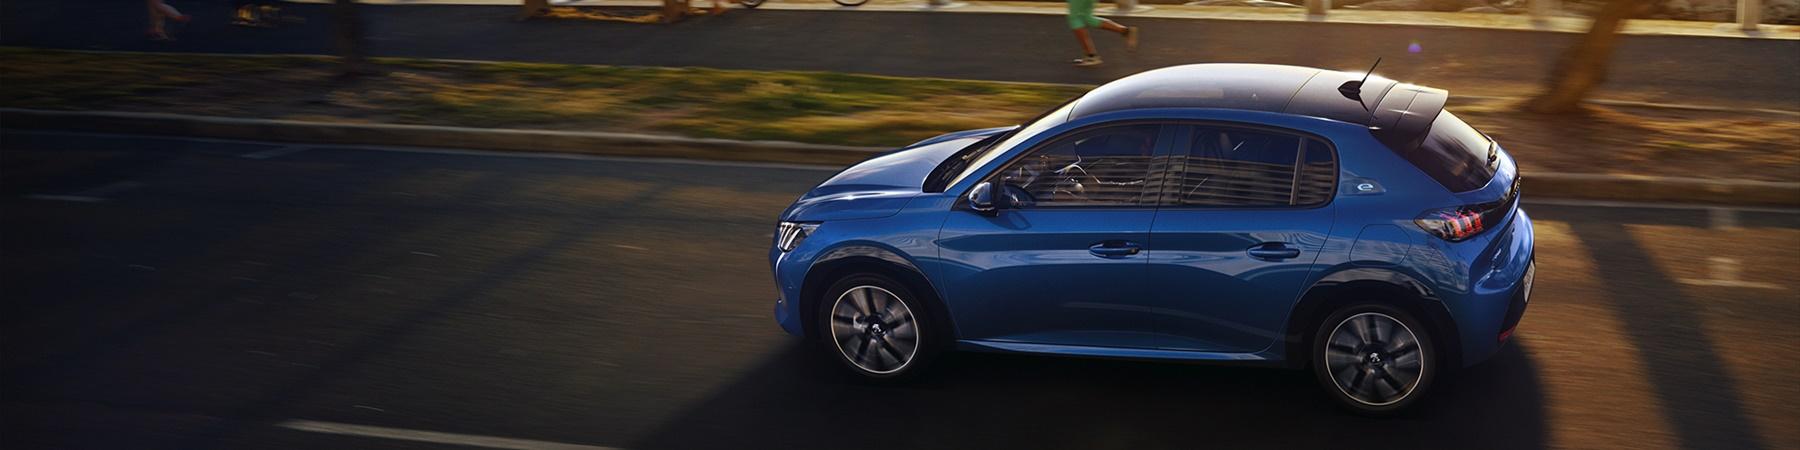 Peugeot 208 50kWh 289 km actieradius